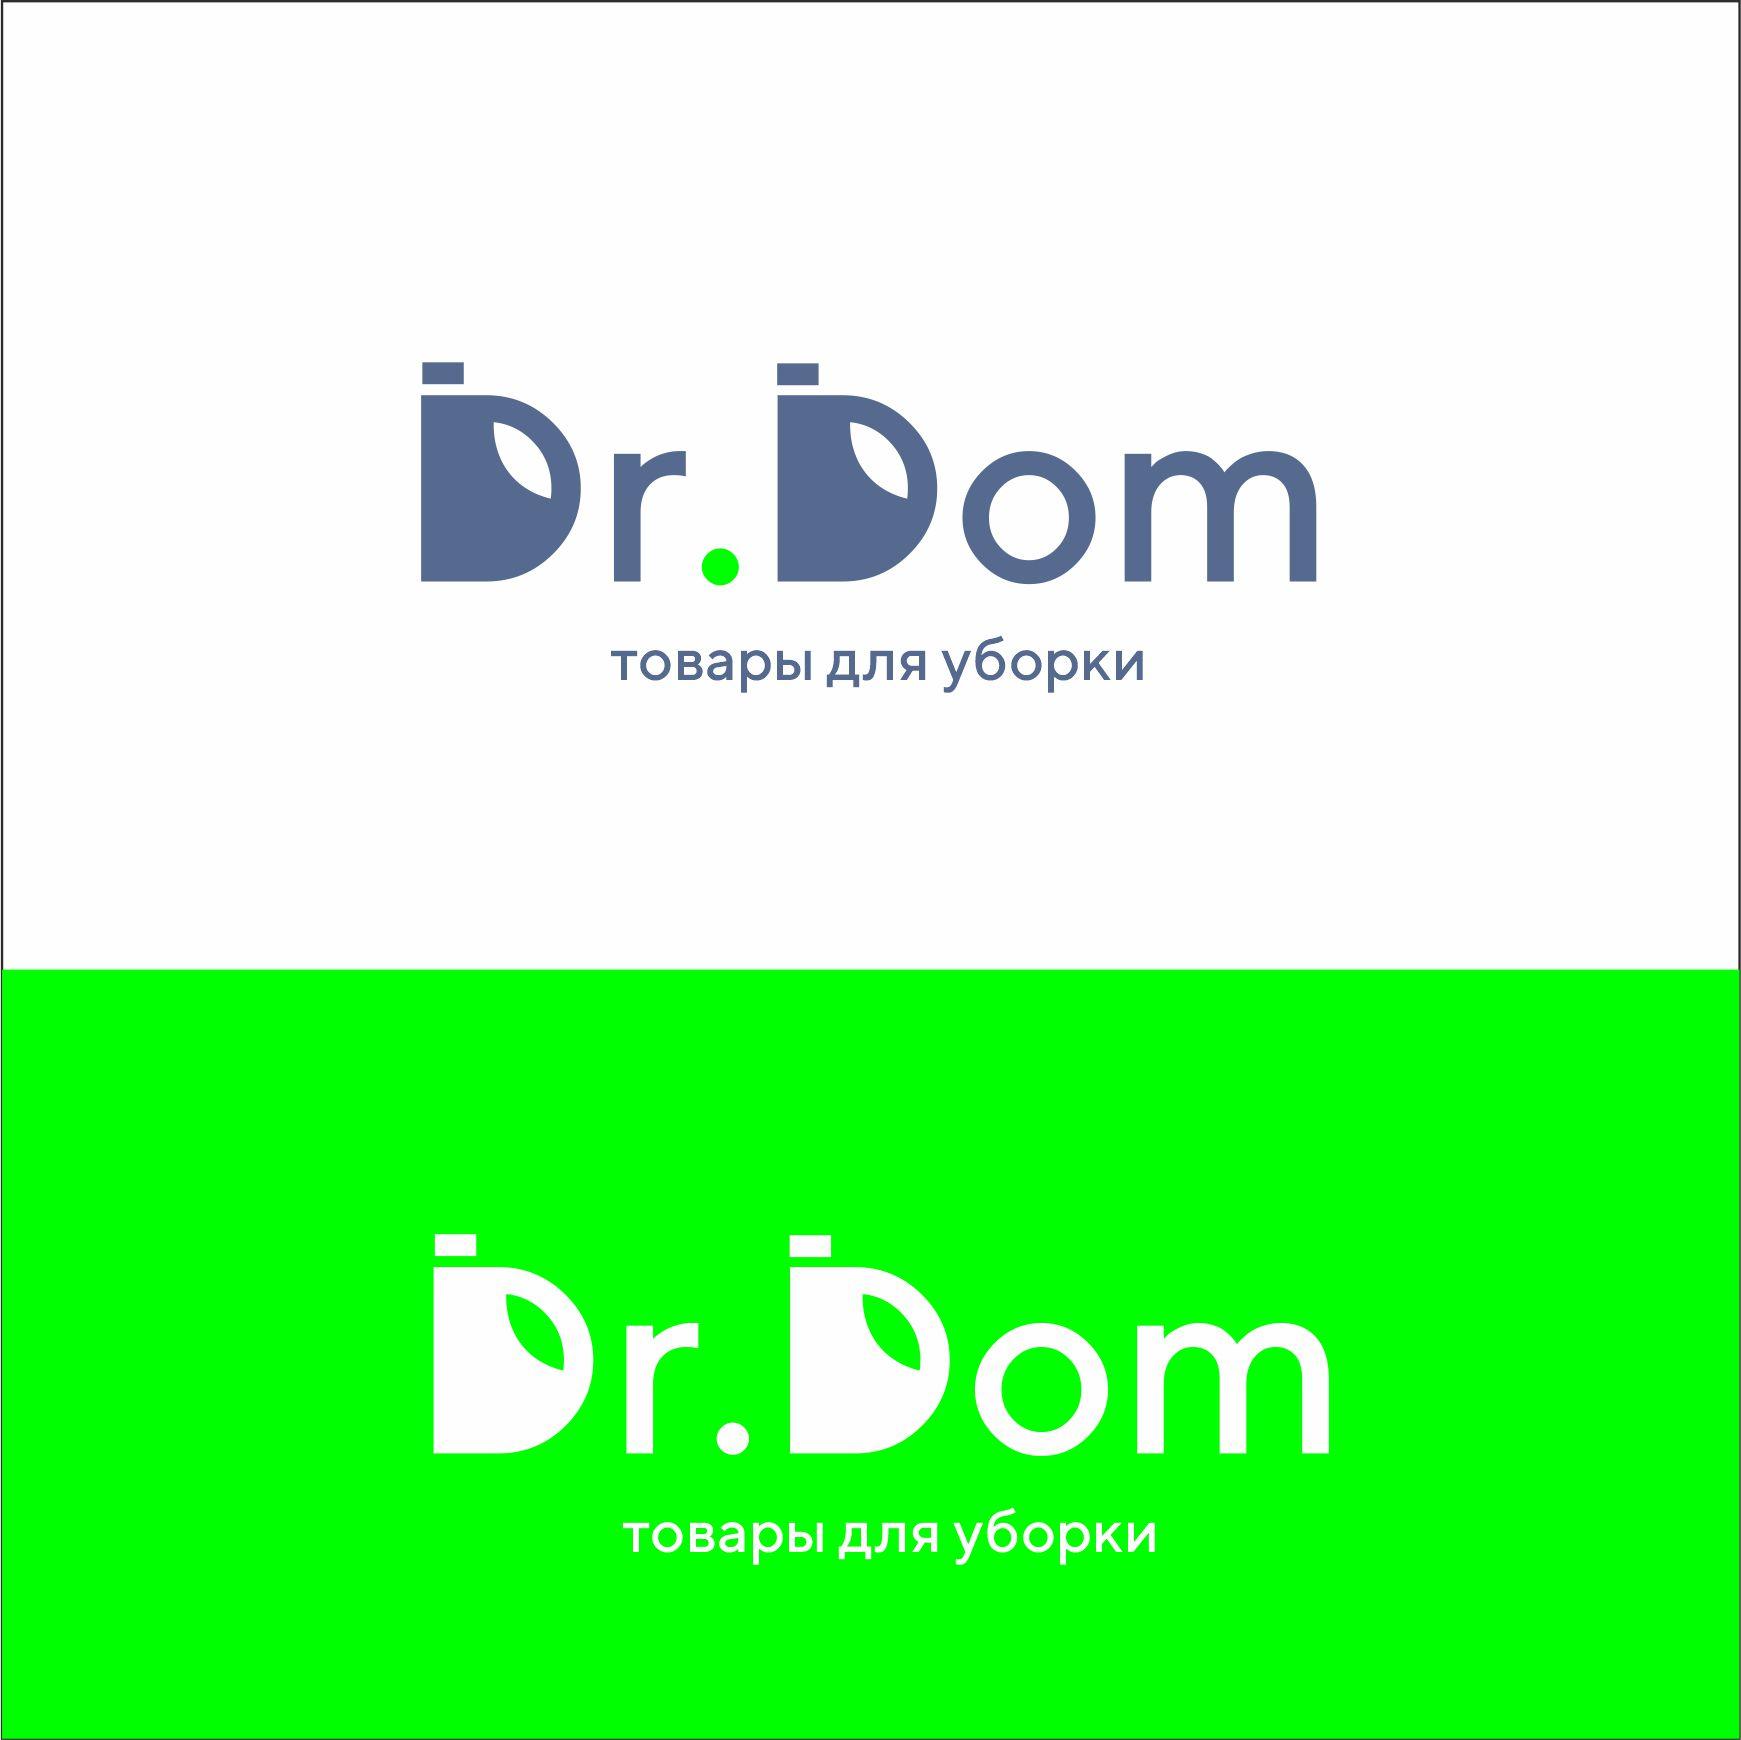 Разработать логотип для сети магазинов бытовой химии и товаров для уборки фото f_9745ffeb68beb6bf.jpg